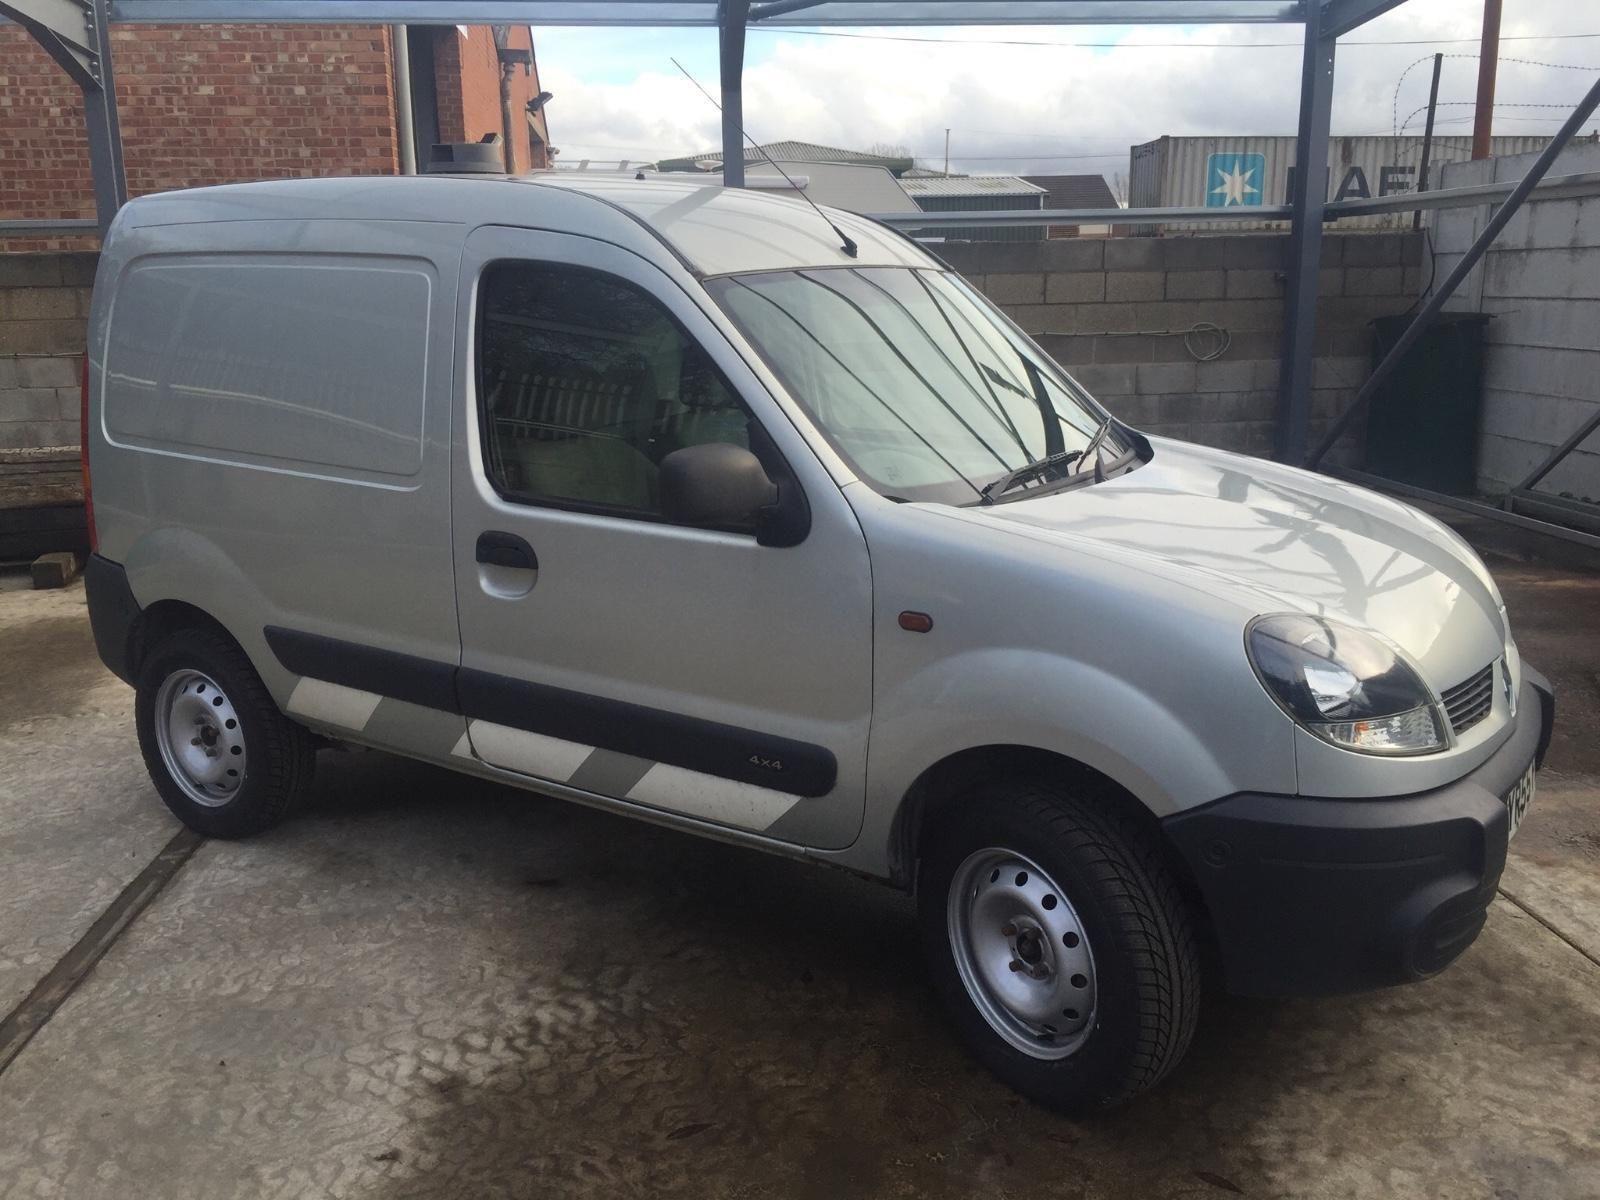 Renault Kangoo 1.9TD 4x4 Van | 4x4 van, 4x4 and Van car